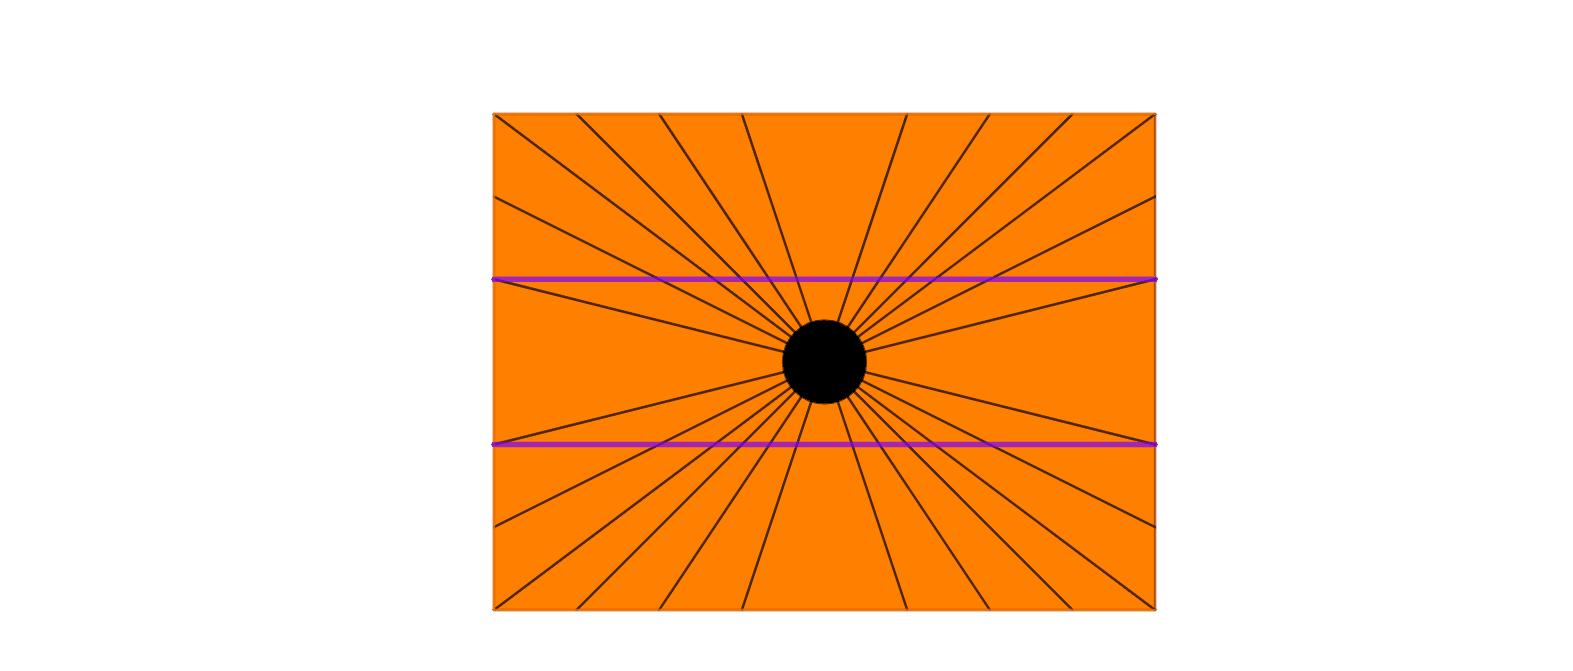 Linee curve o rette? Premi Invio per avviare l'attività